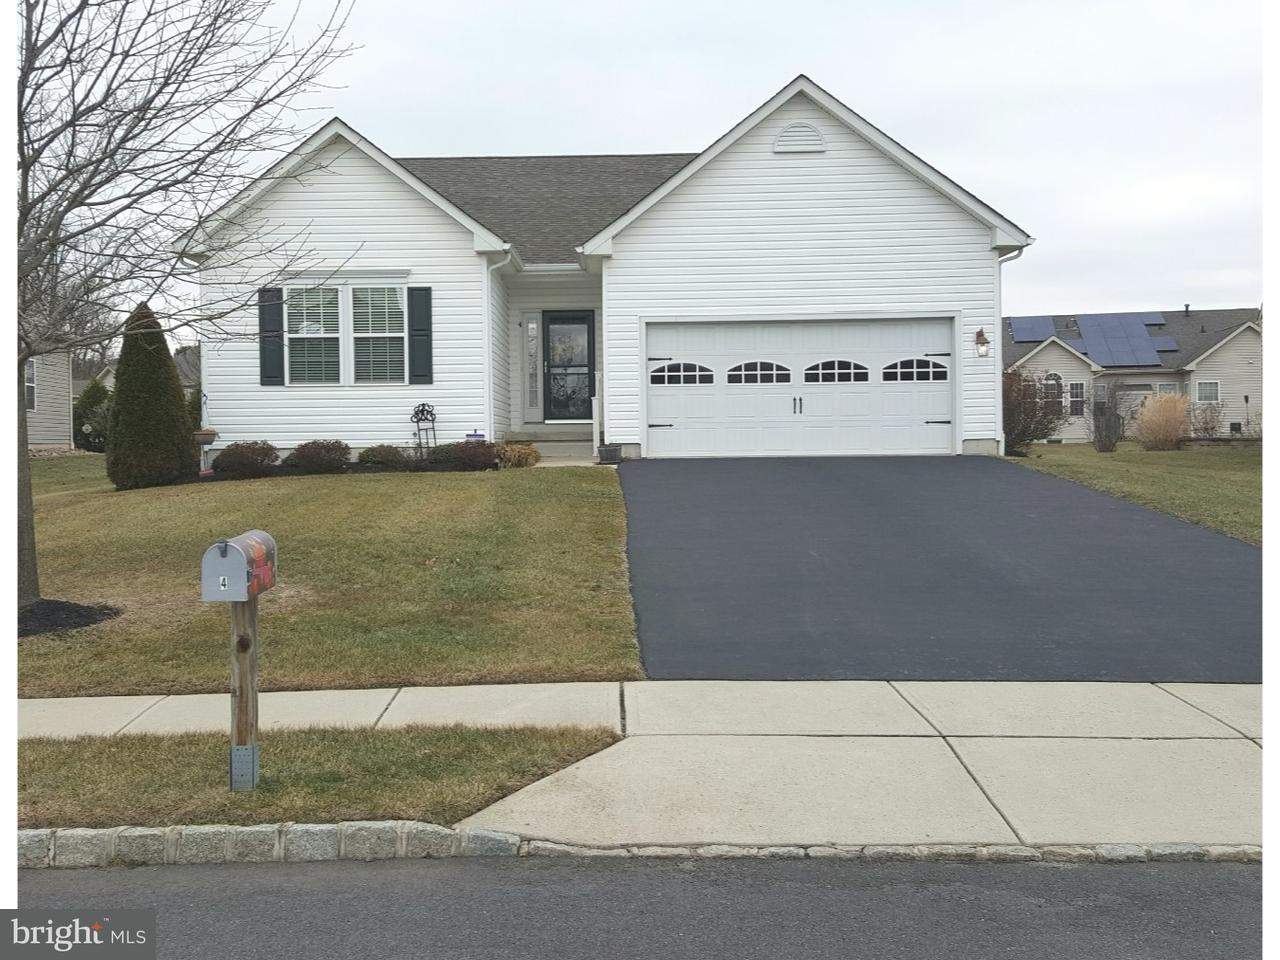 Частный односемейный дом для того Продажа на 4 WEBBER Court Florence, Нью-Джерси 08518 Соединенные Штаты